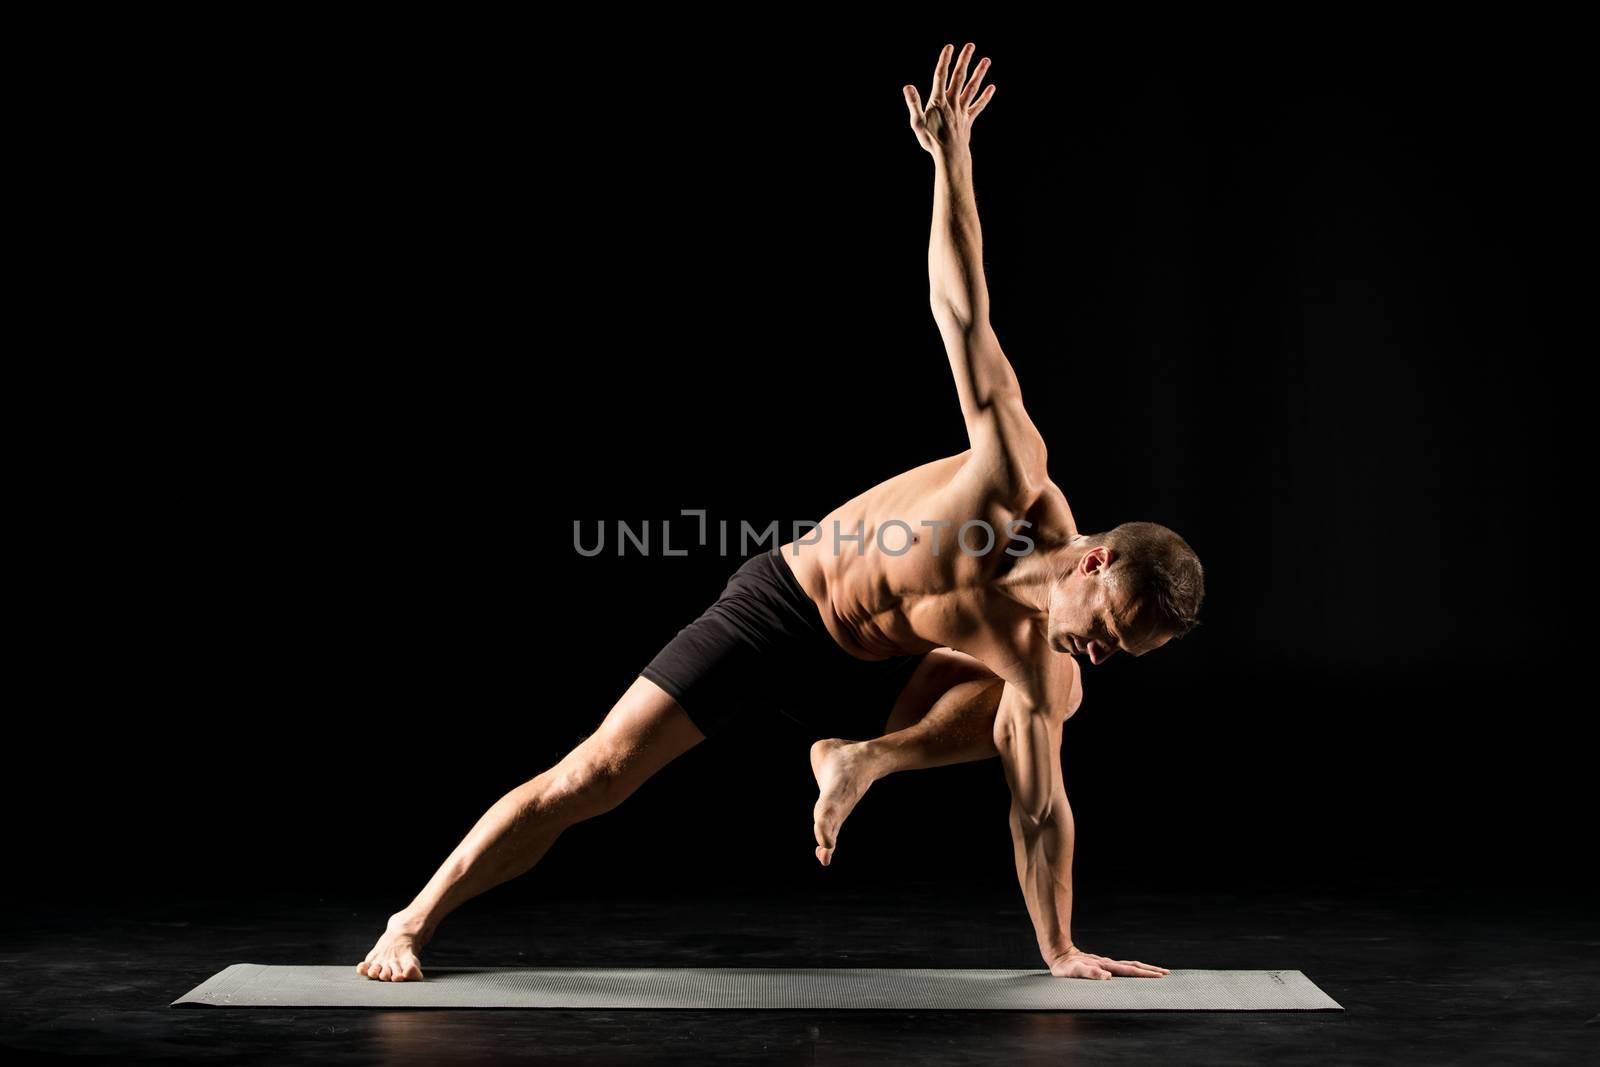 Young man practicing ashtanga vinyasa yoga exercise on yoga mat